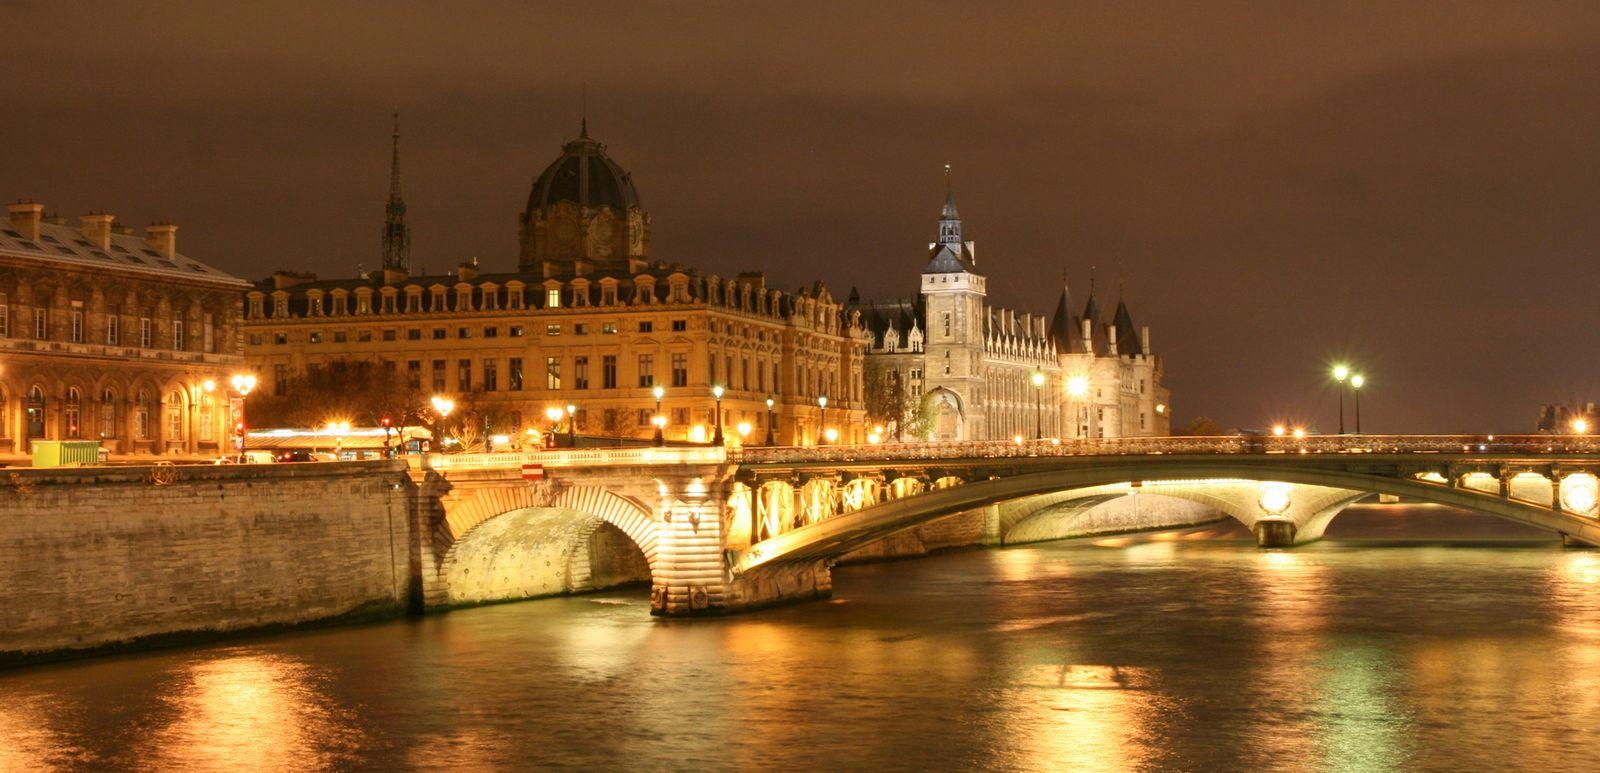 Comment associer éclairage urbain et biodiversité ?